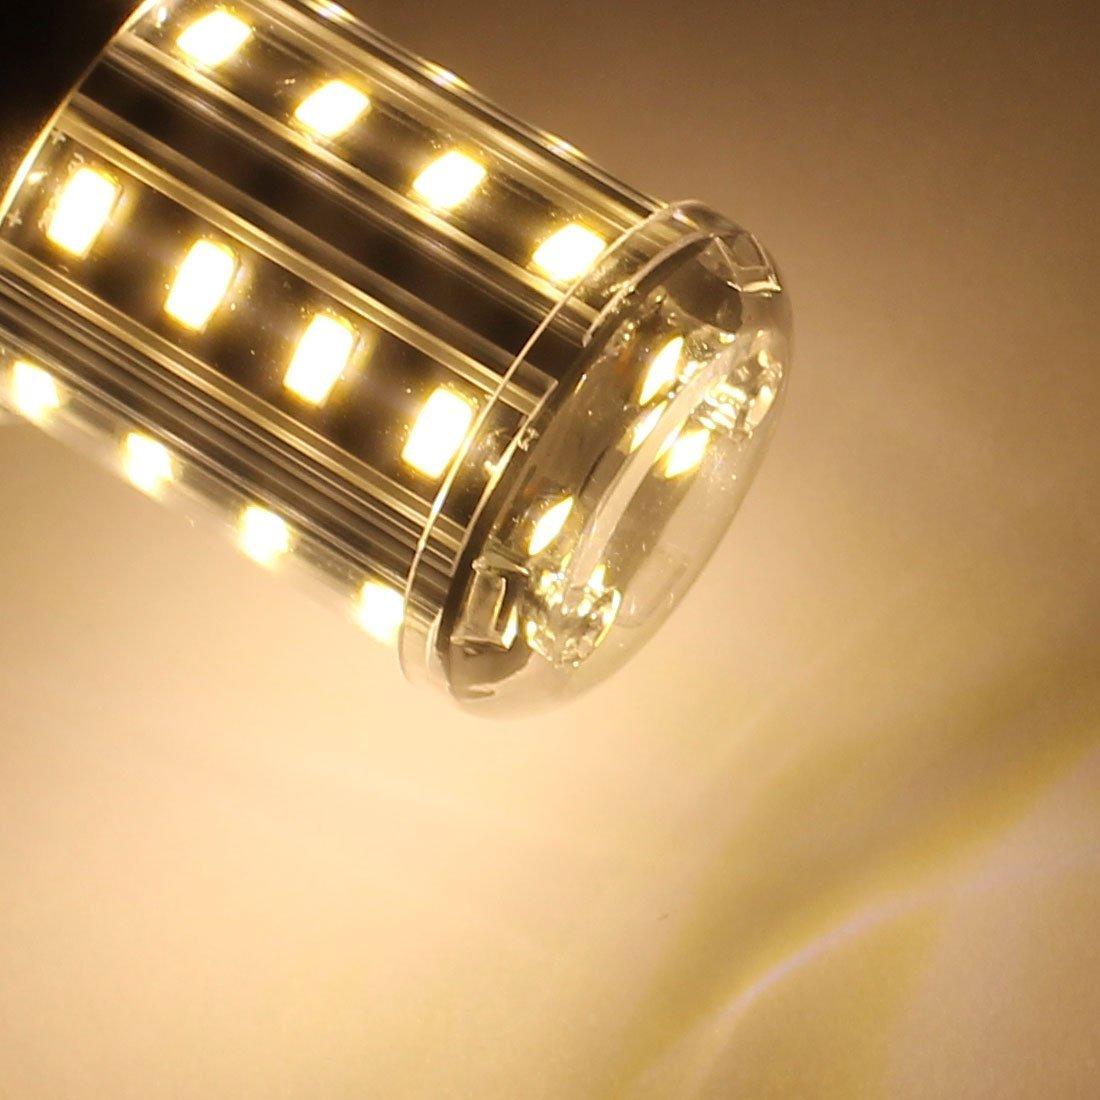 eDealMax AC85-265V 5W x 28 5730SMD E14 del maíz del LED Bombilla de ahorro de energía de la lámpara blanco cálido - - Amazon.com